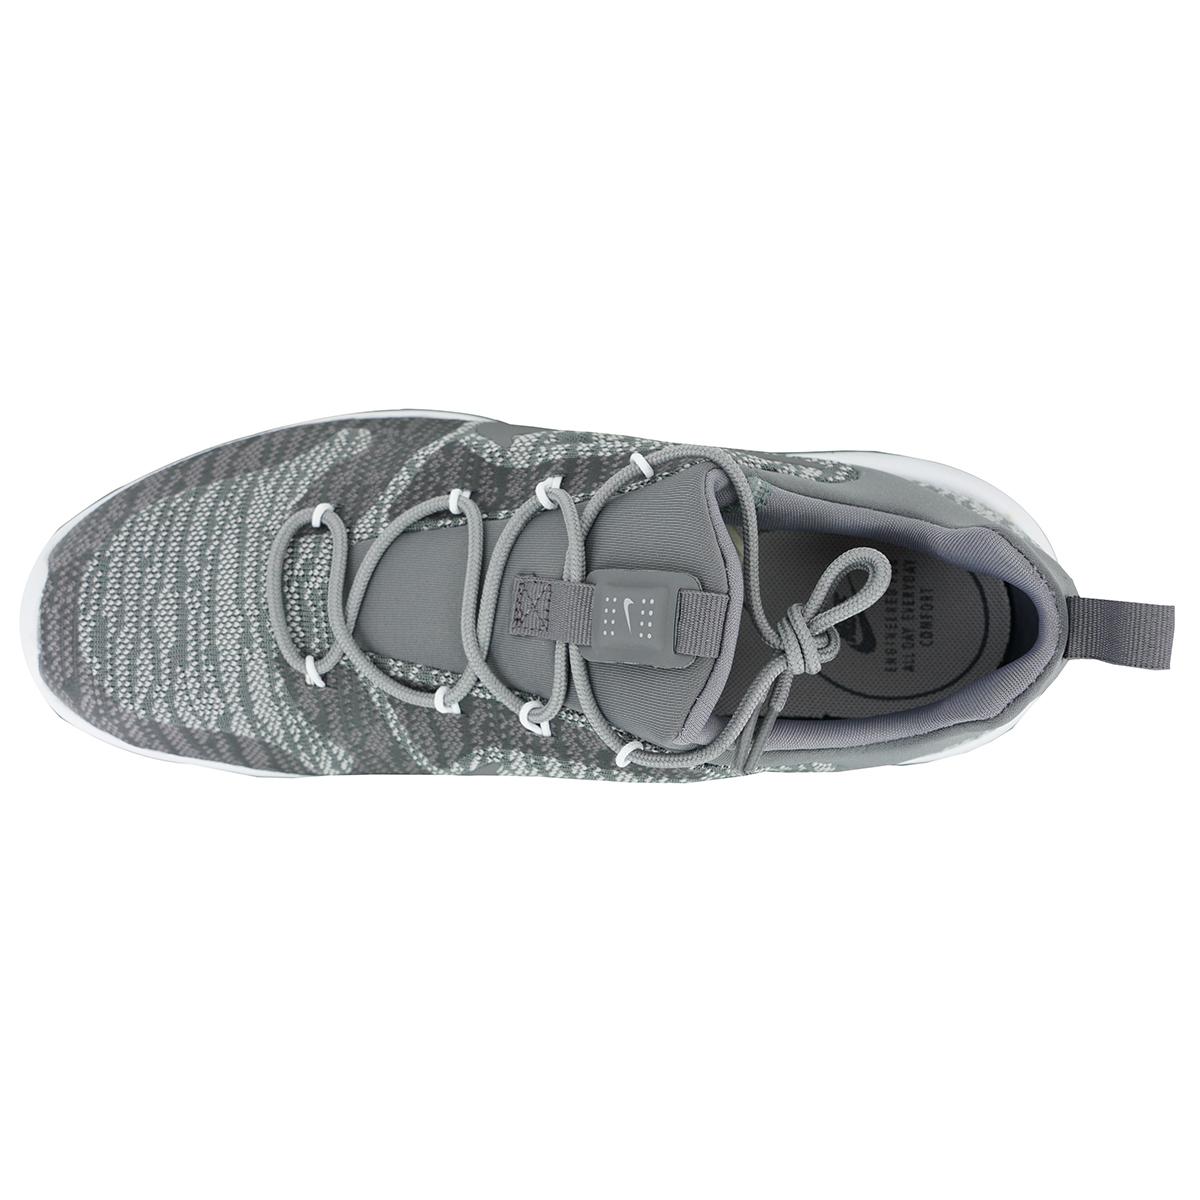 Nike-Men-039-s-CK-Racer-Shoes thumbnail 6